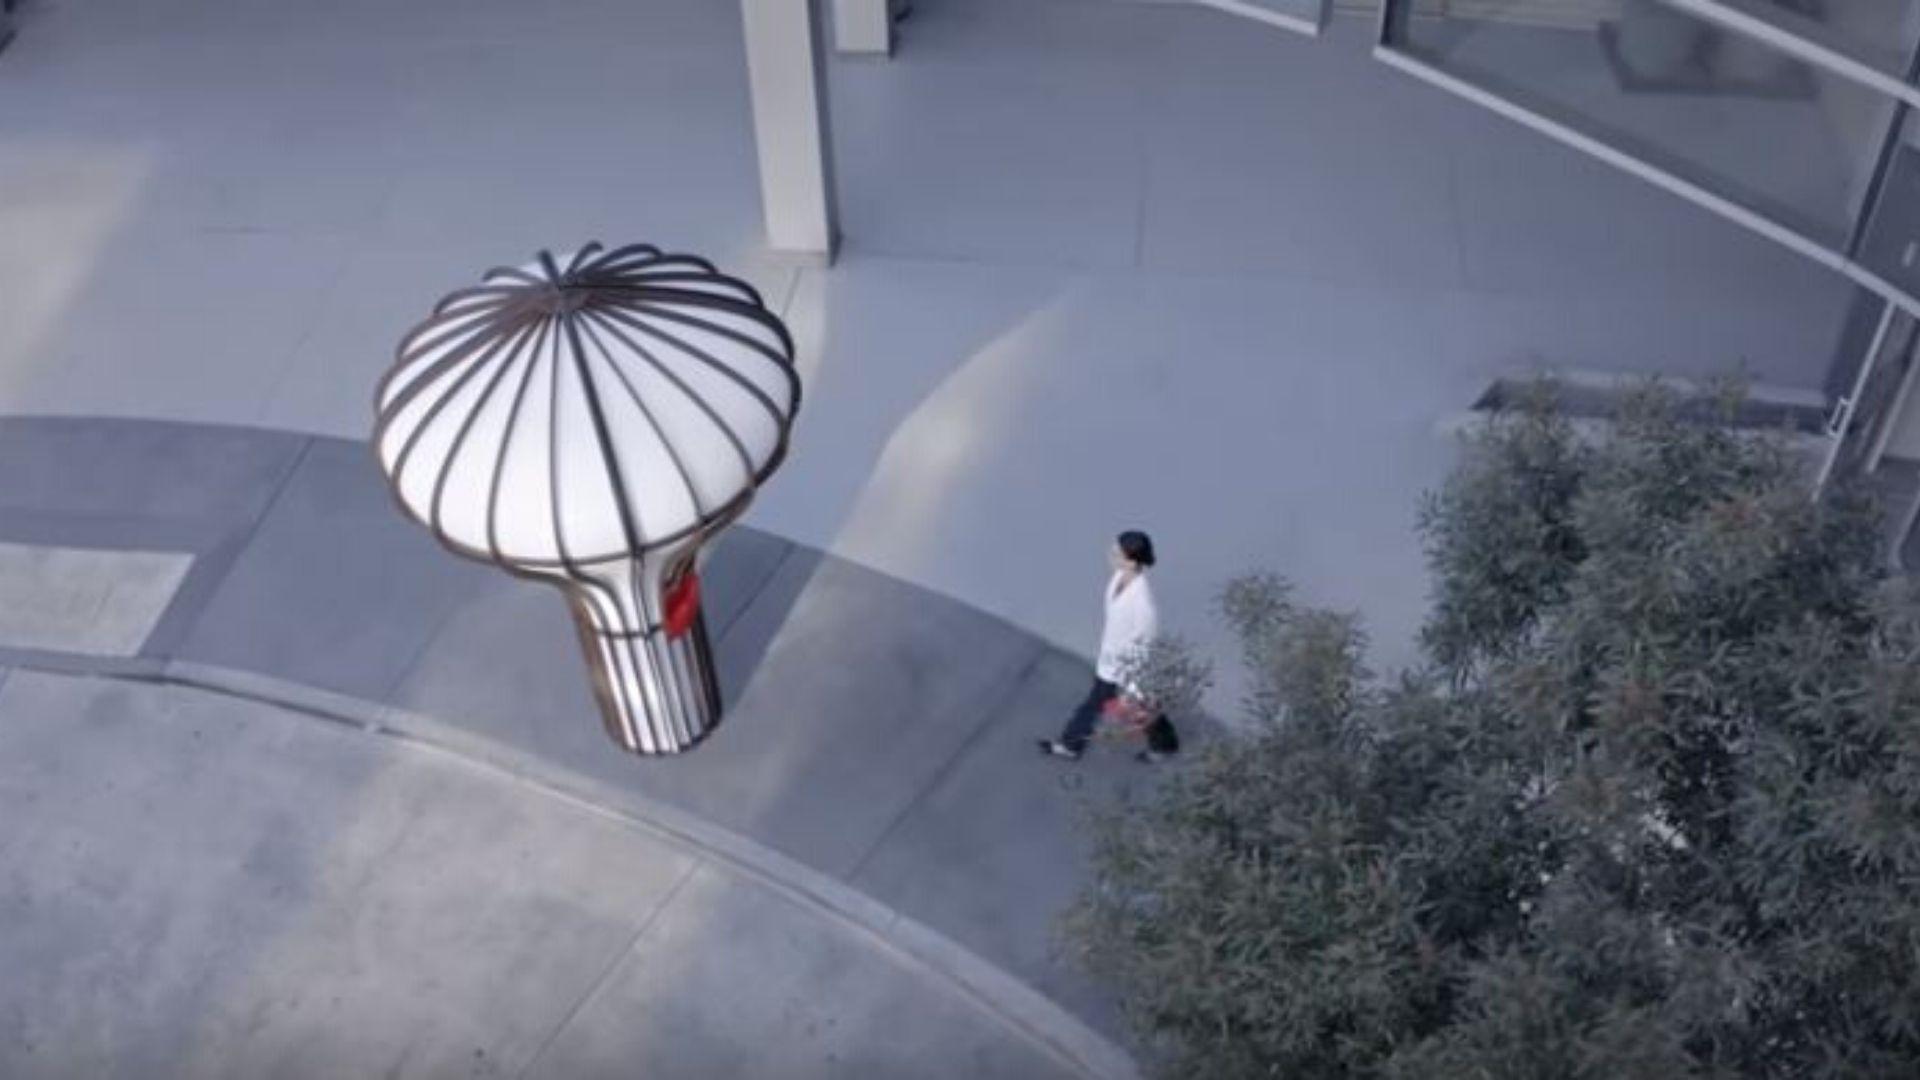 Des drones pour relier les établissements de santé plus rapidement